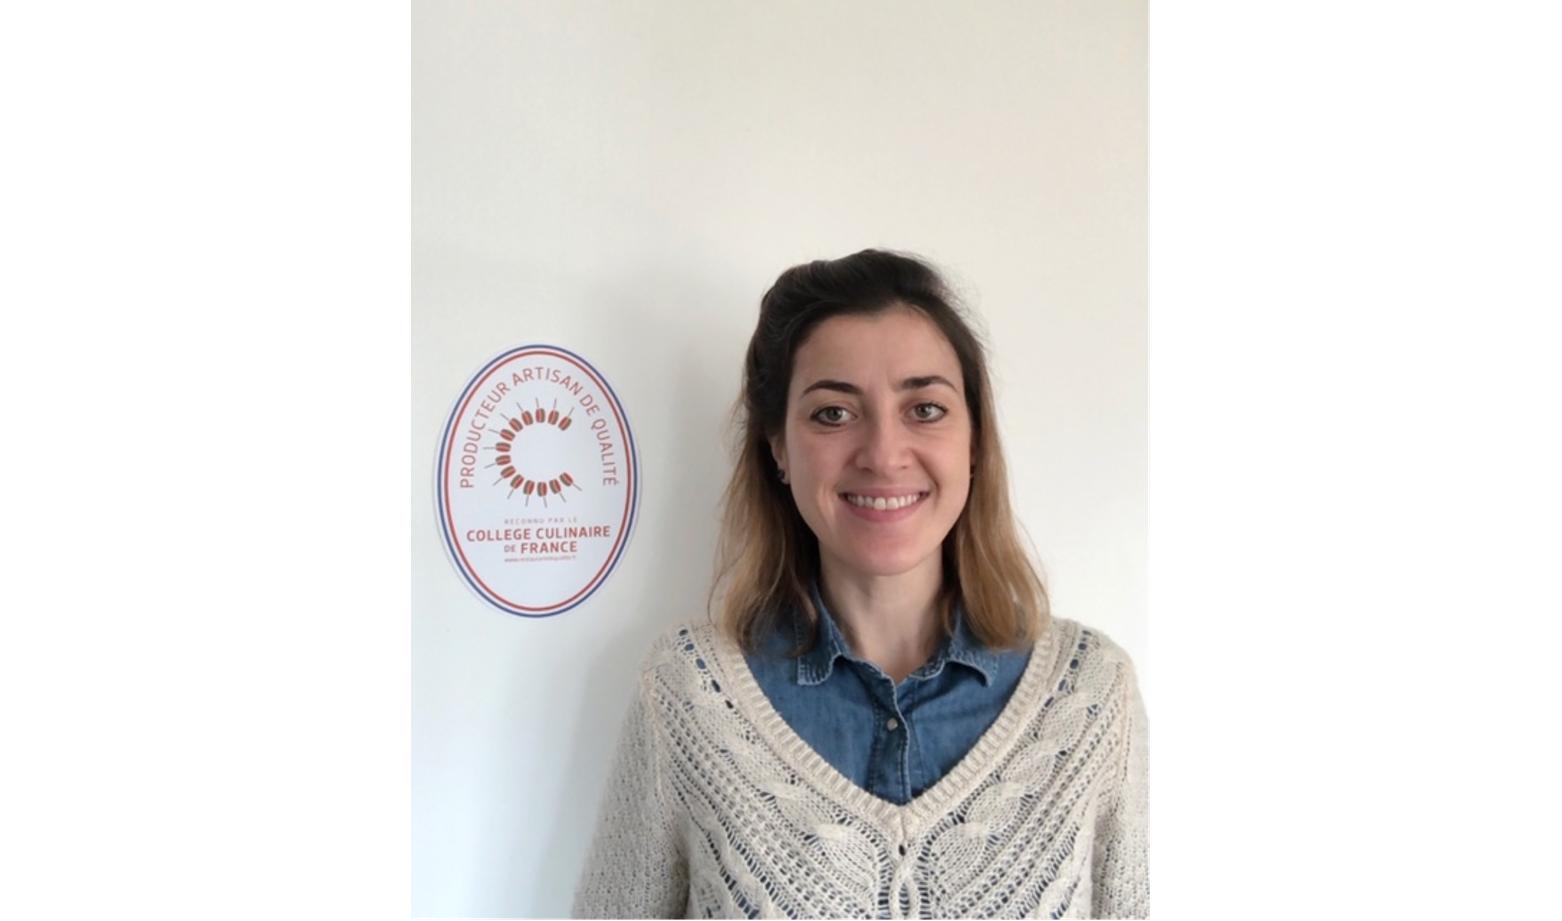 Charlotte Picant, Producteur Artisan de Qualité Vigneron du Château Hostens-Picant en Gironde